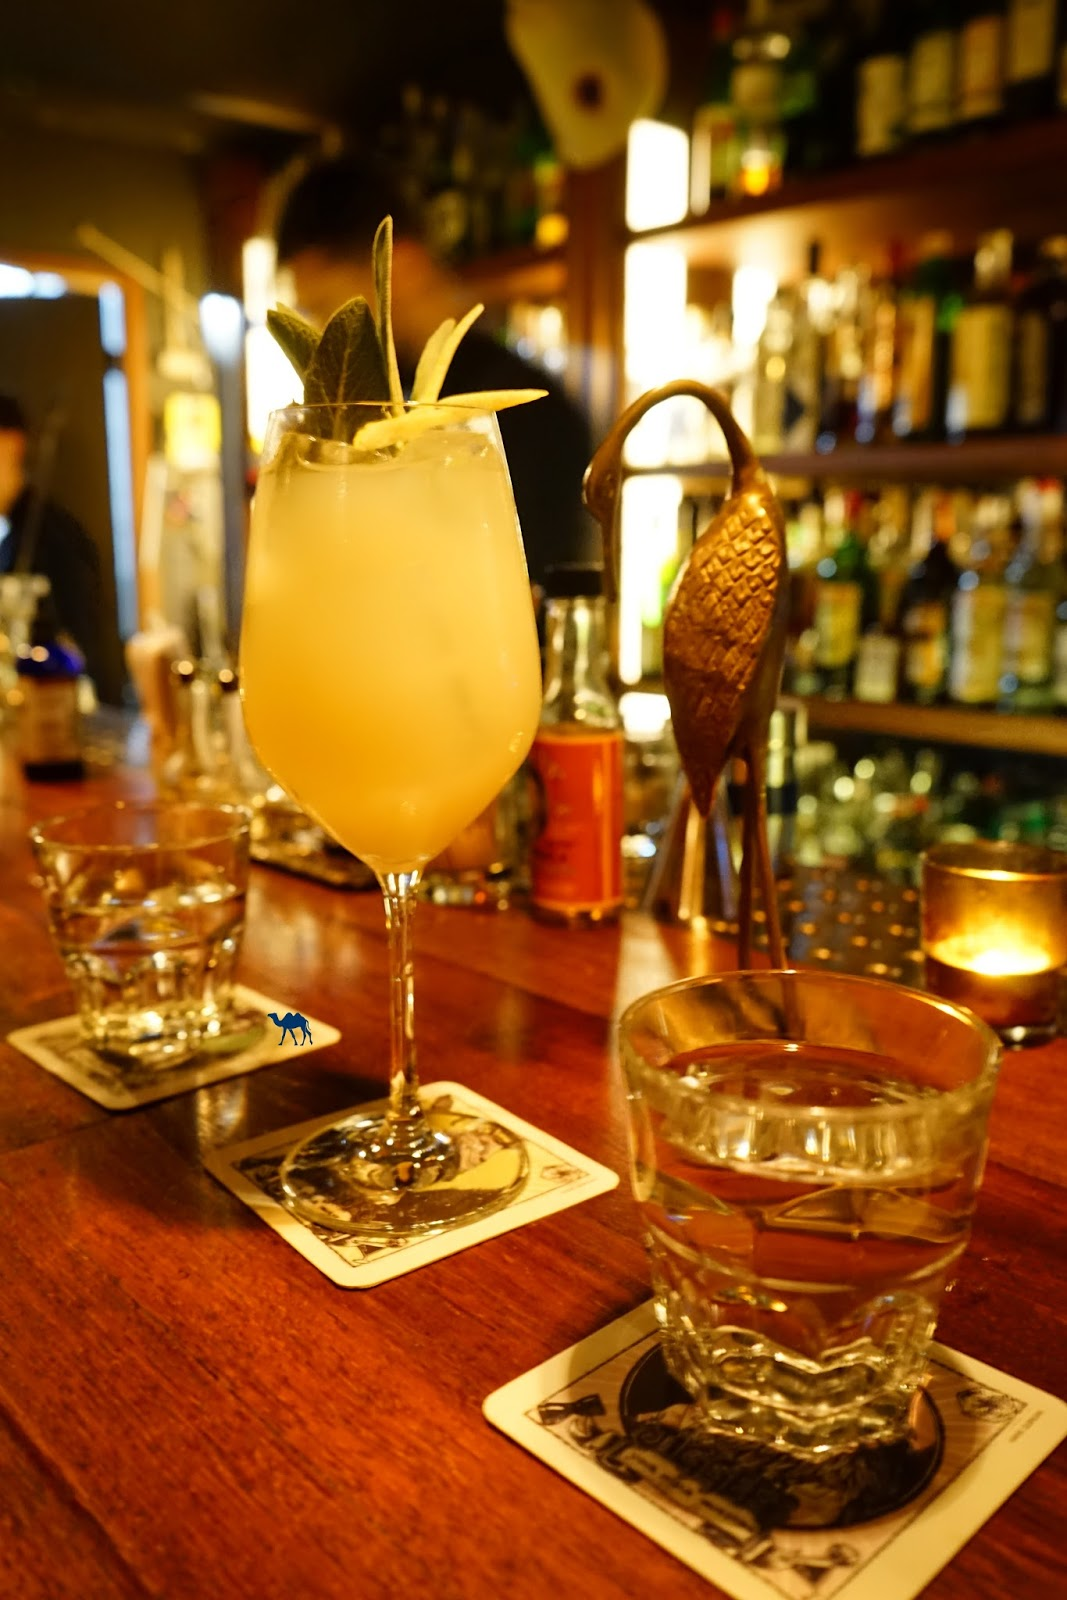 Le Chameau Bleu - Cocktails du Jiggers Bar à Cocktails de Gand Belgique